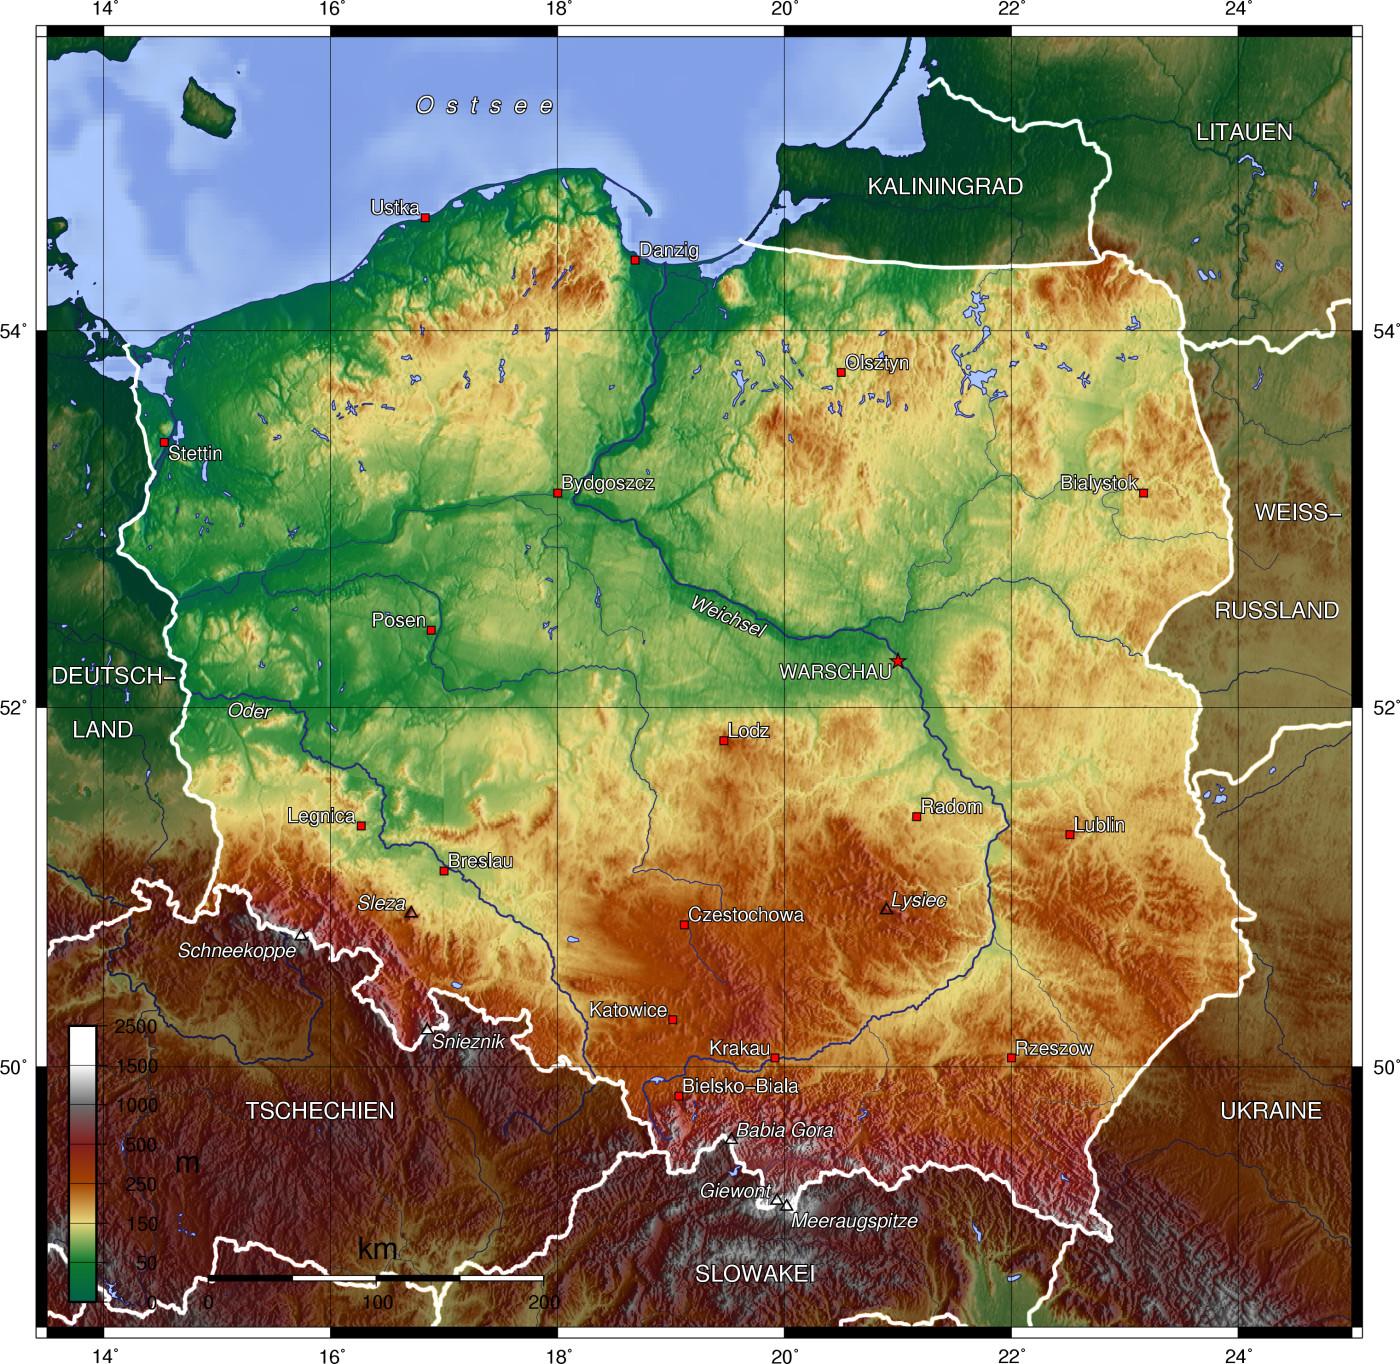 Landkarte Deutsch.Physische Landkarte Von Polen Deutsch Weltatlas